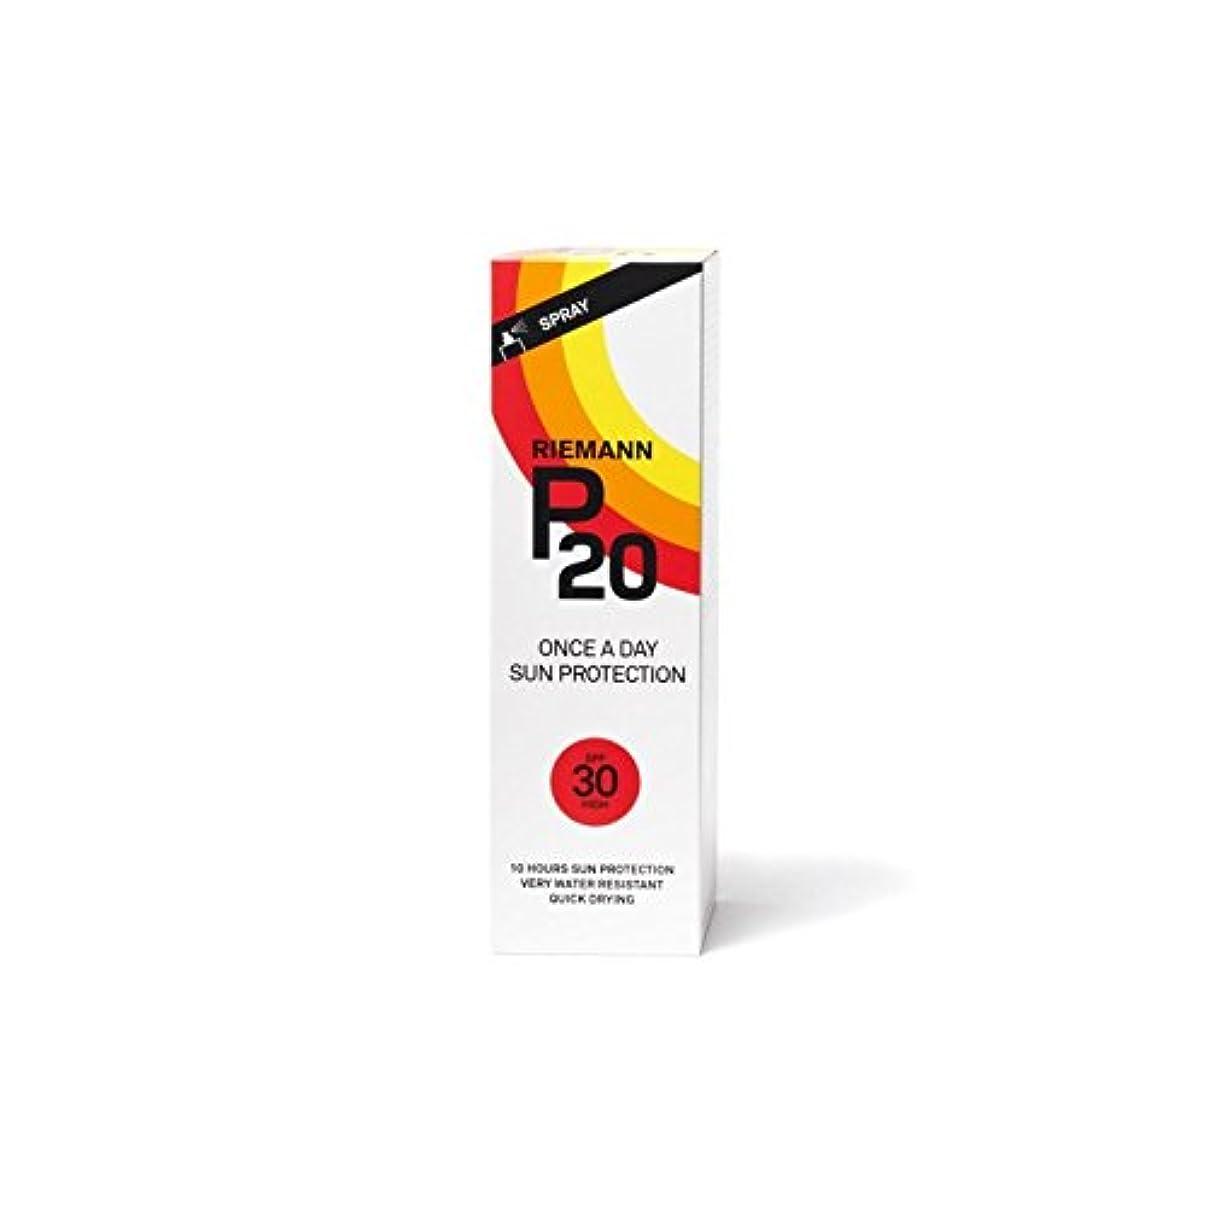 Riemann P20 Sun Filter 100ml SPF30 (Pack of 6) - リーマン20のサンフィルター100ミリリットル30 x6 [並行輸入品]